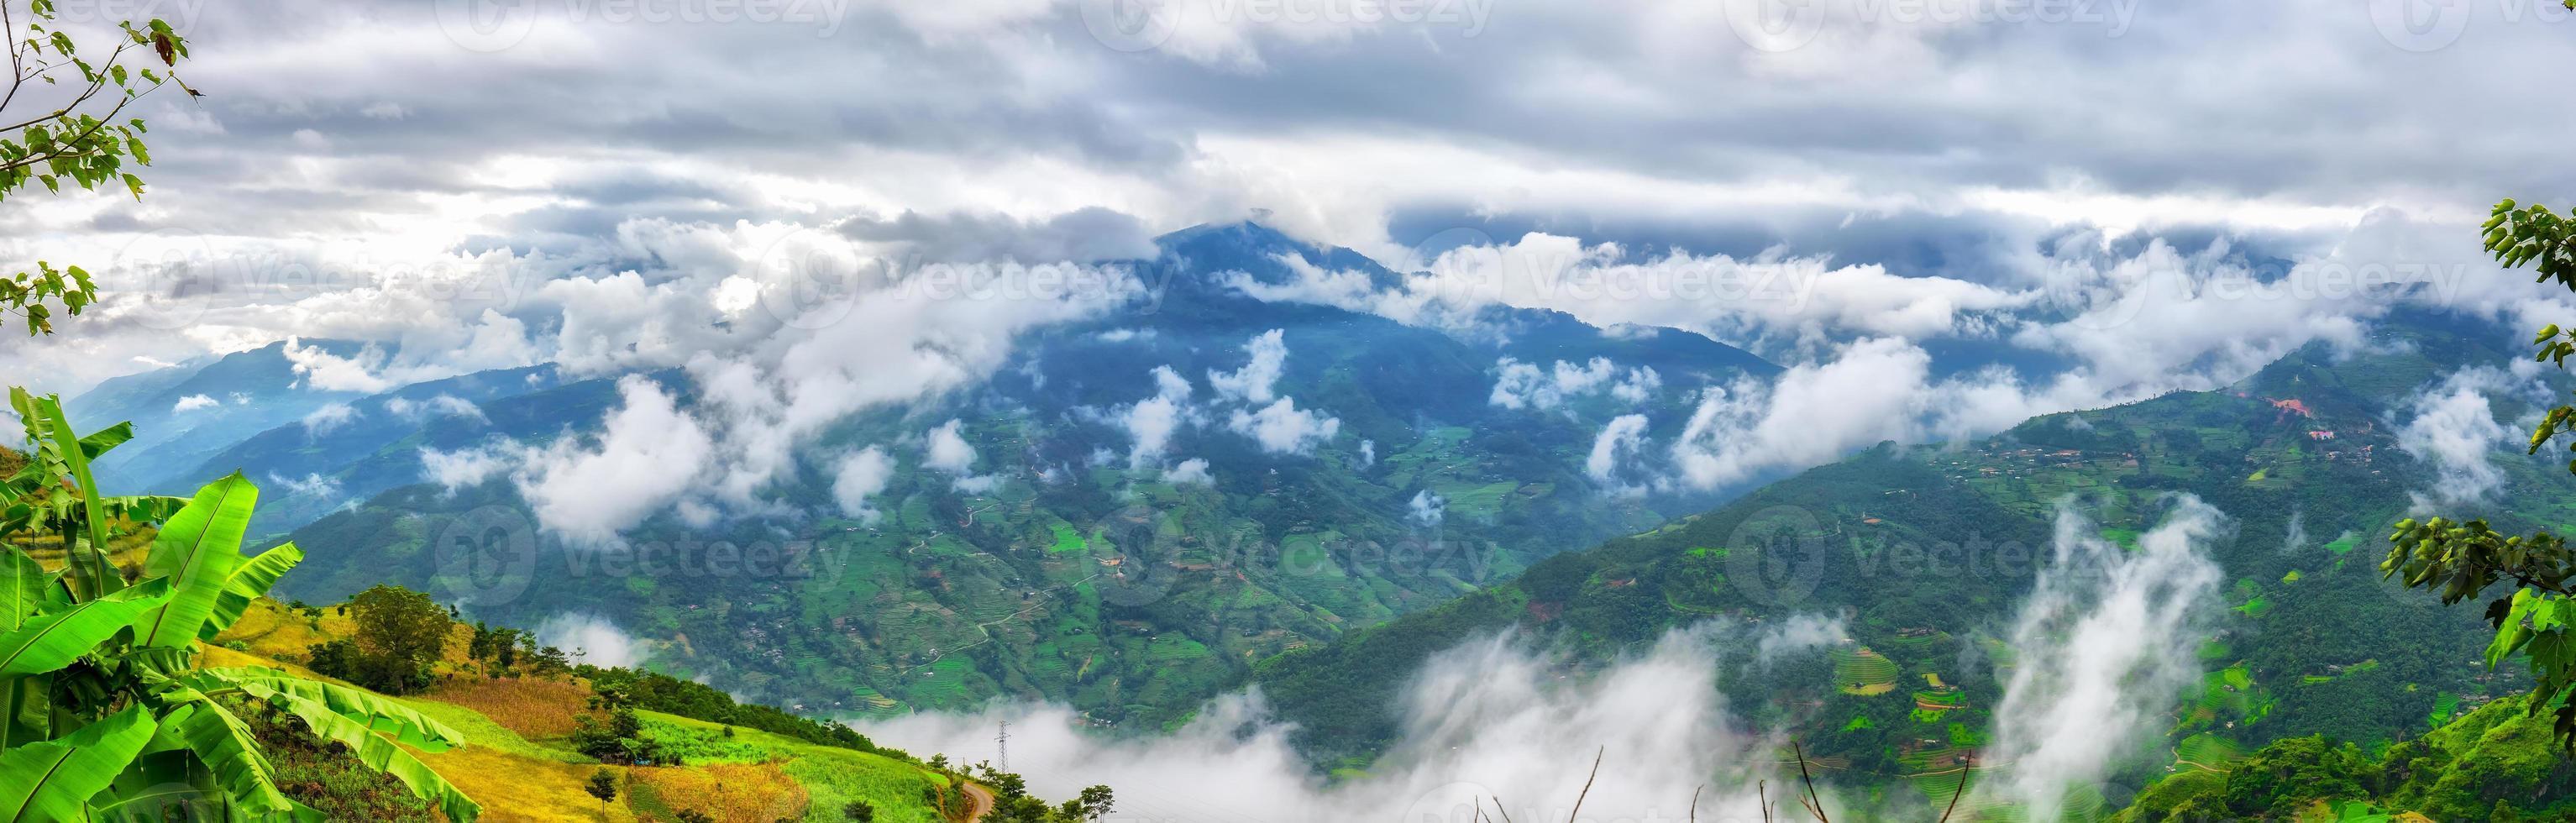 moln och berg nordvästra Vietnam foto